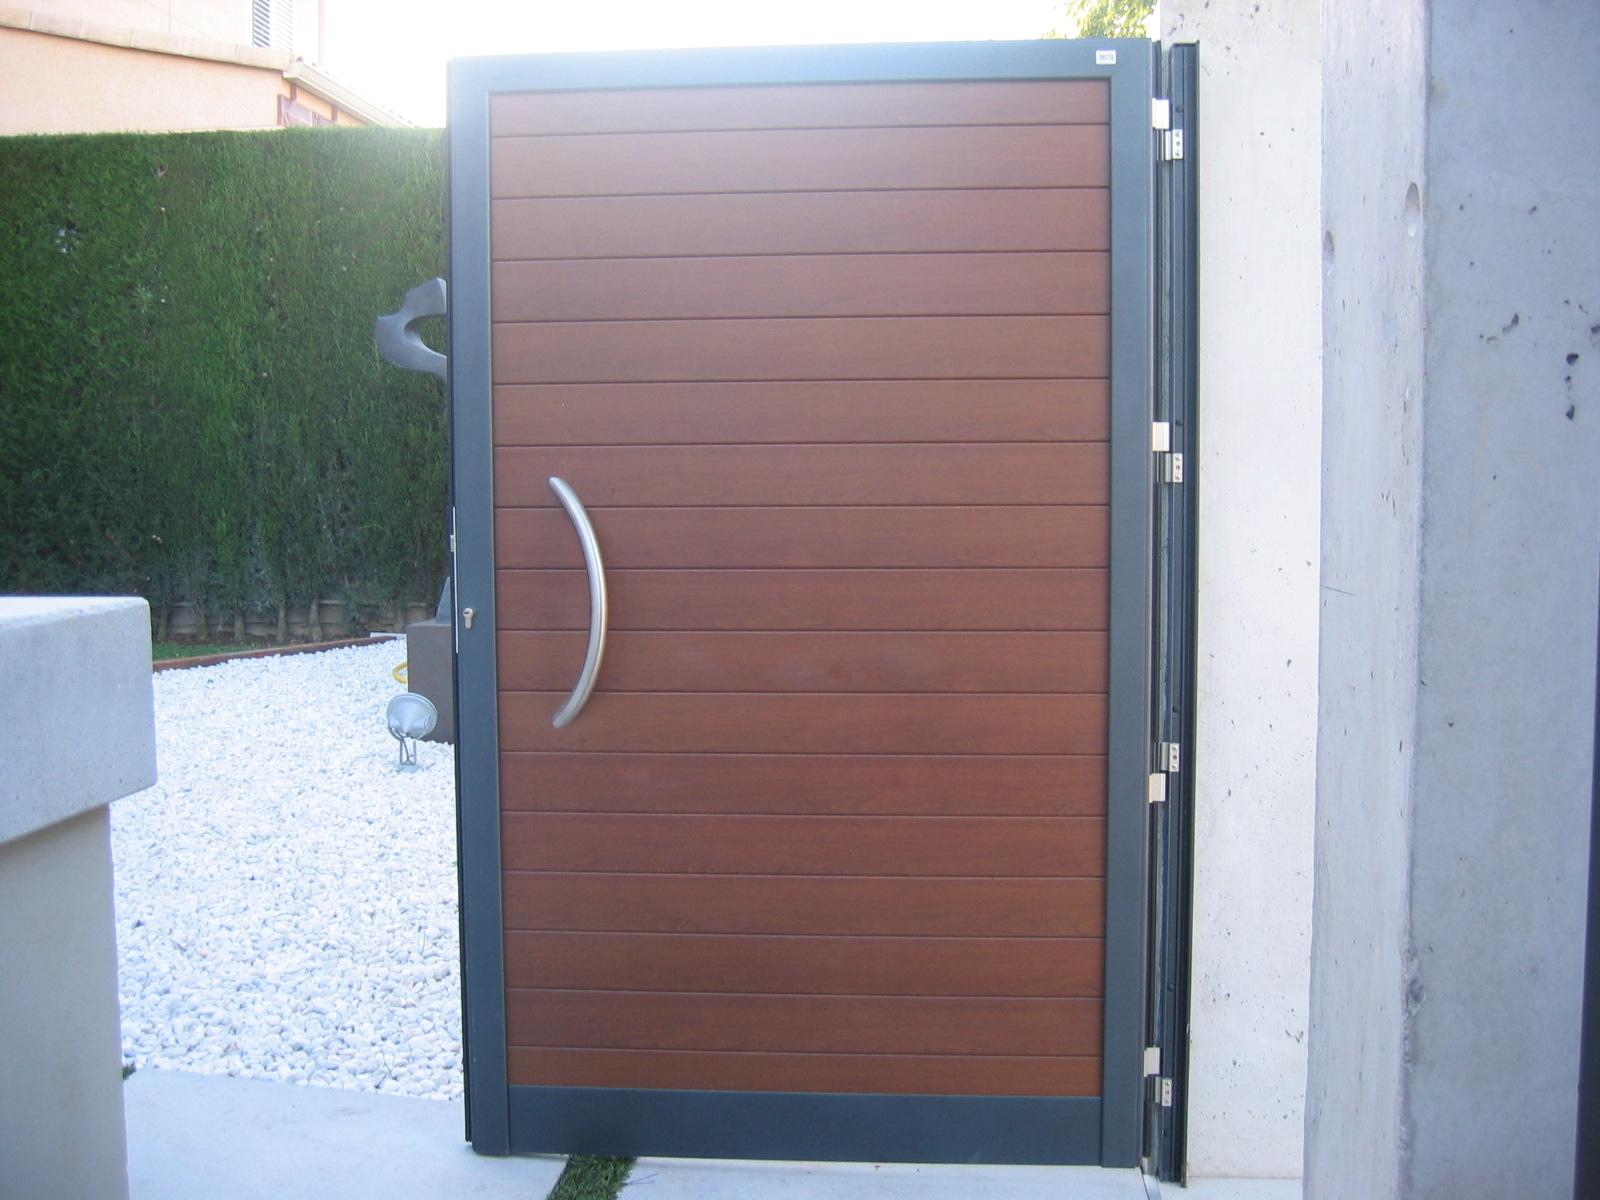 Puertas de jardin de aluminio perfect puertas y vallas de for Puerta corredera exterior jardin